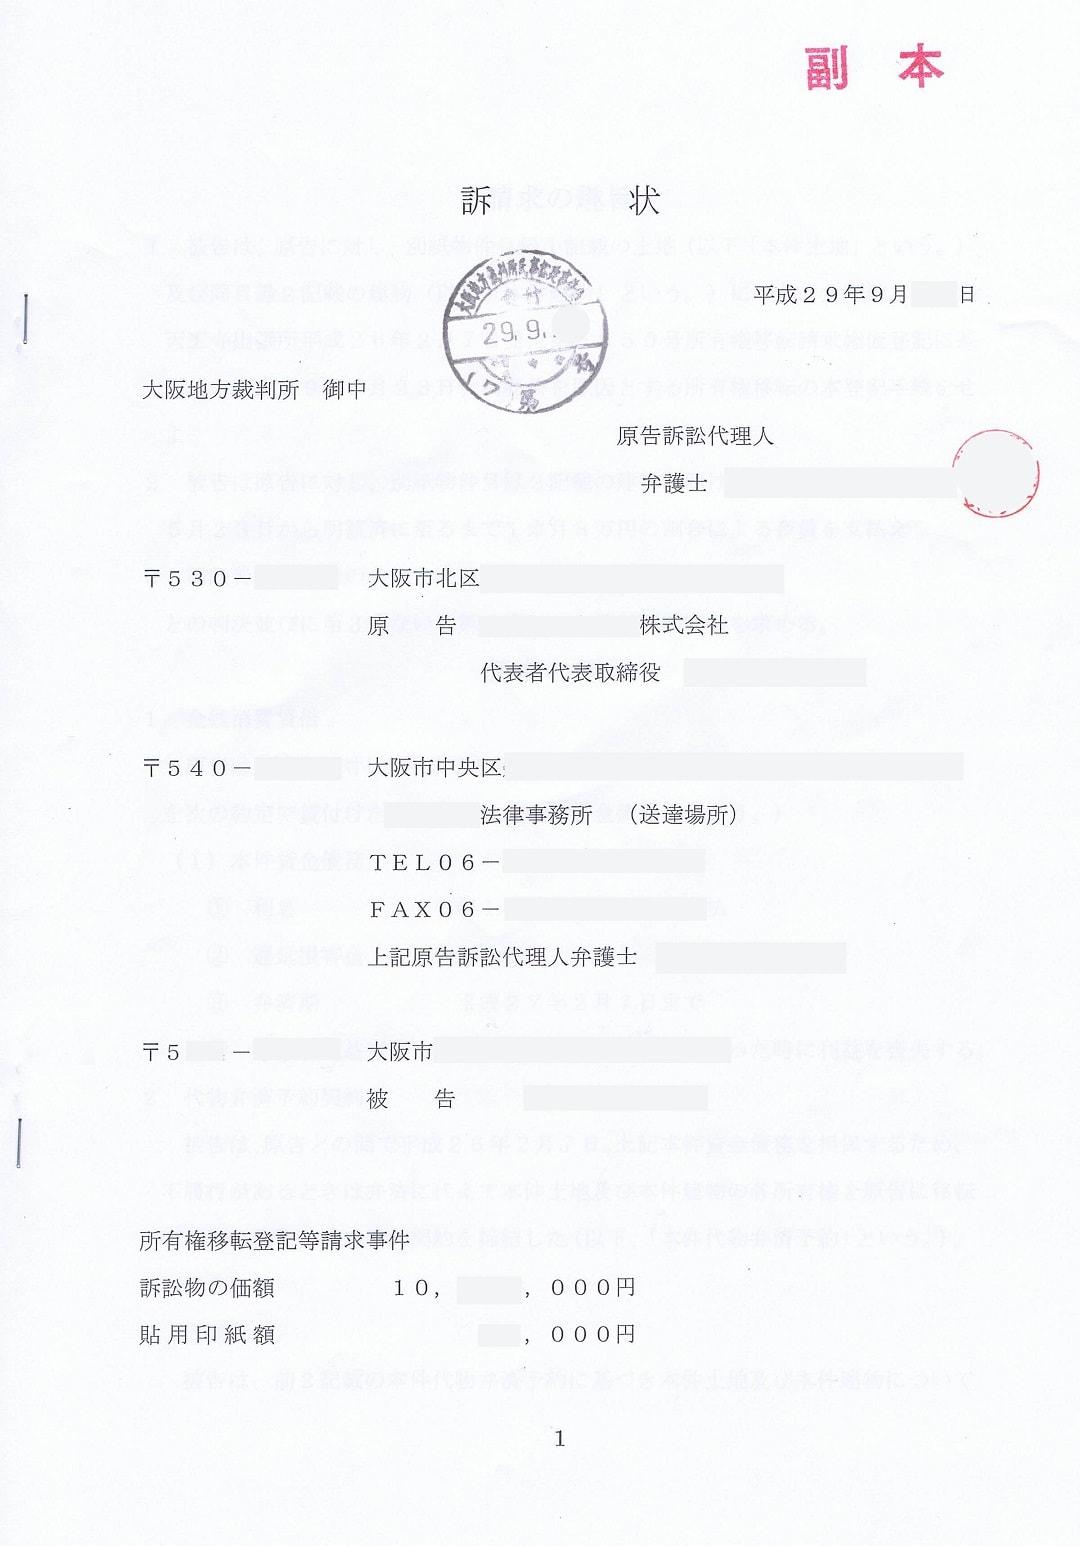 所有権移転登記等請求事件の訴状